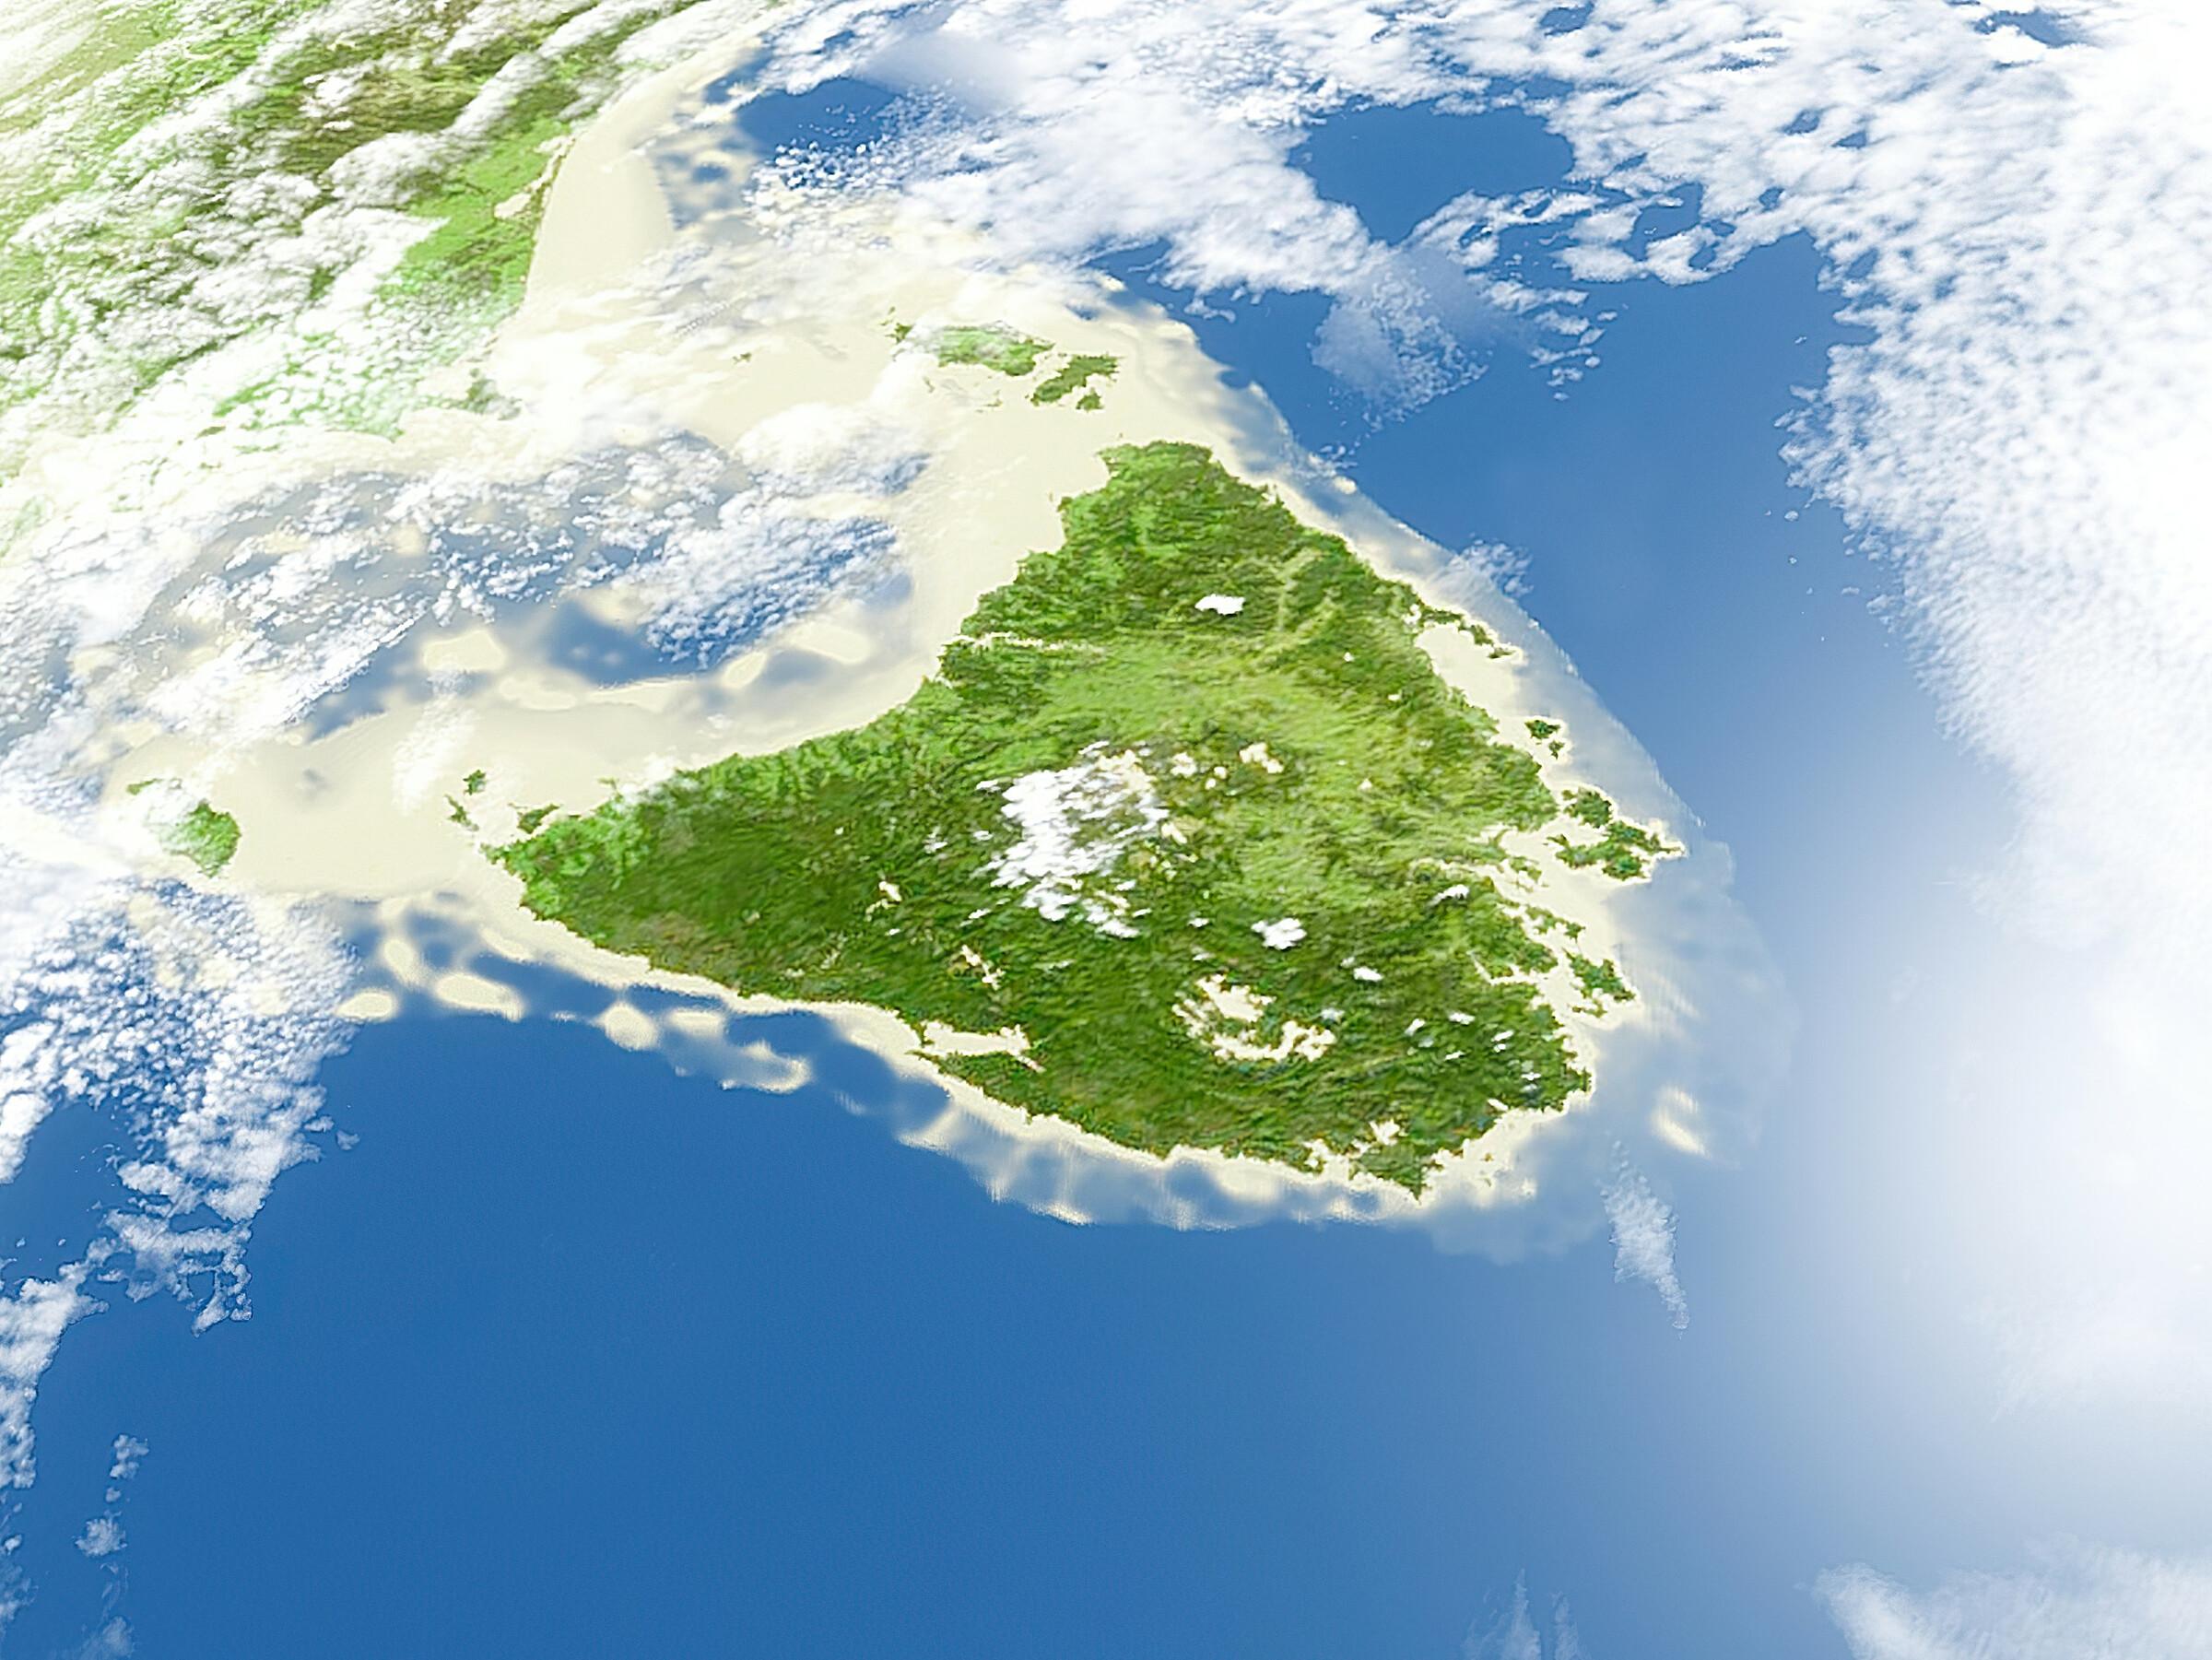 Tasmania được cho là hòn đảo sạch nhất thế giới, theo nghiên cứu của Đại học Colorado năm 2020. Ảnh: Shutterstock